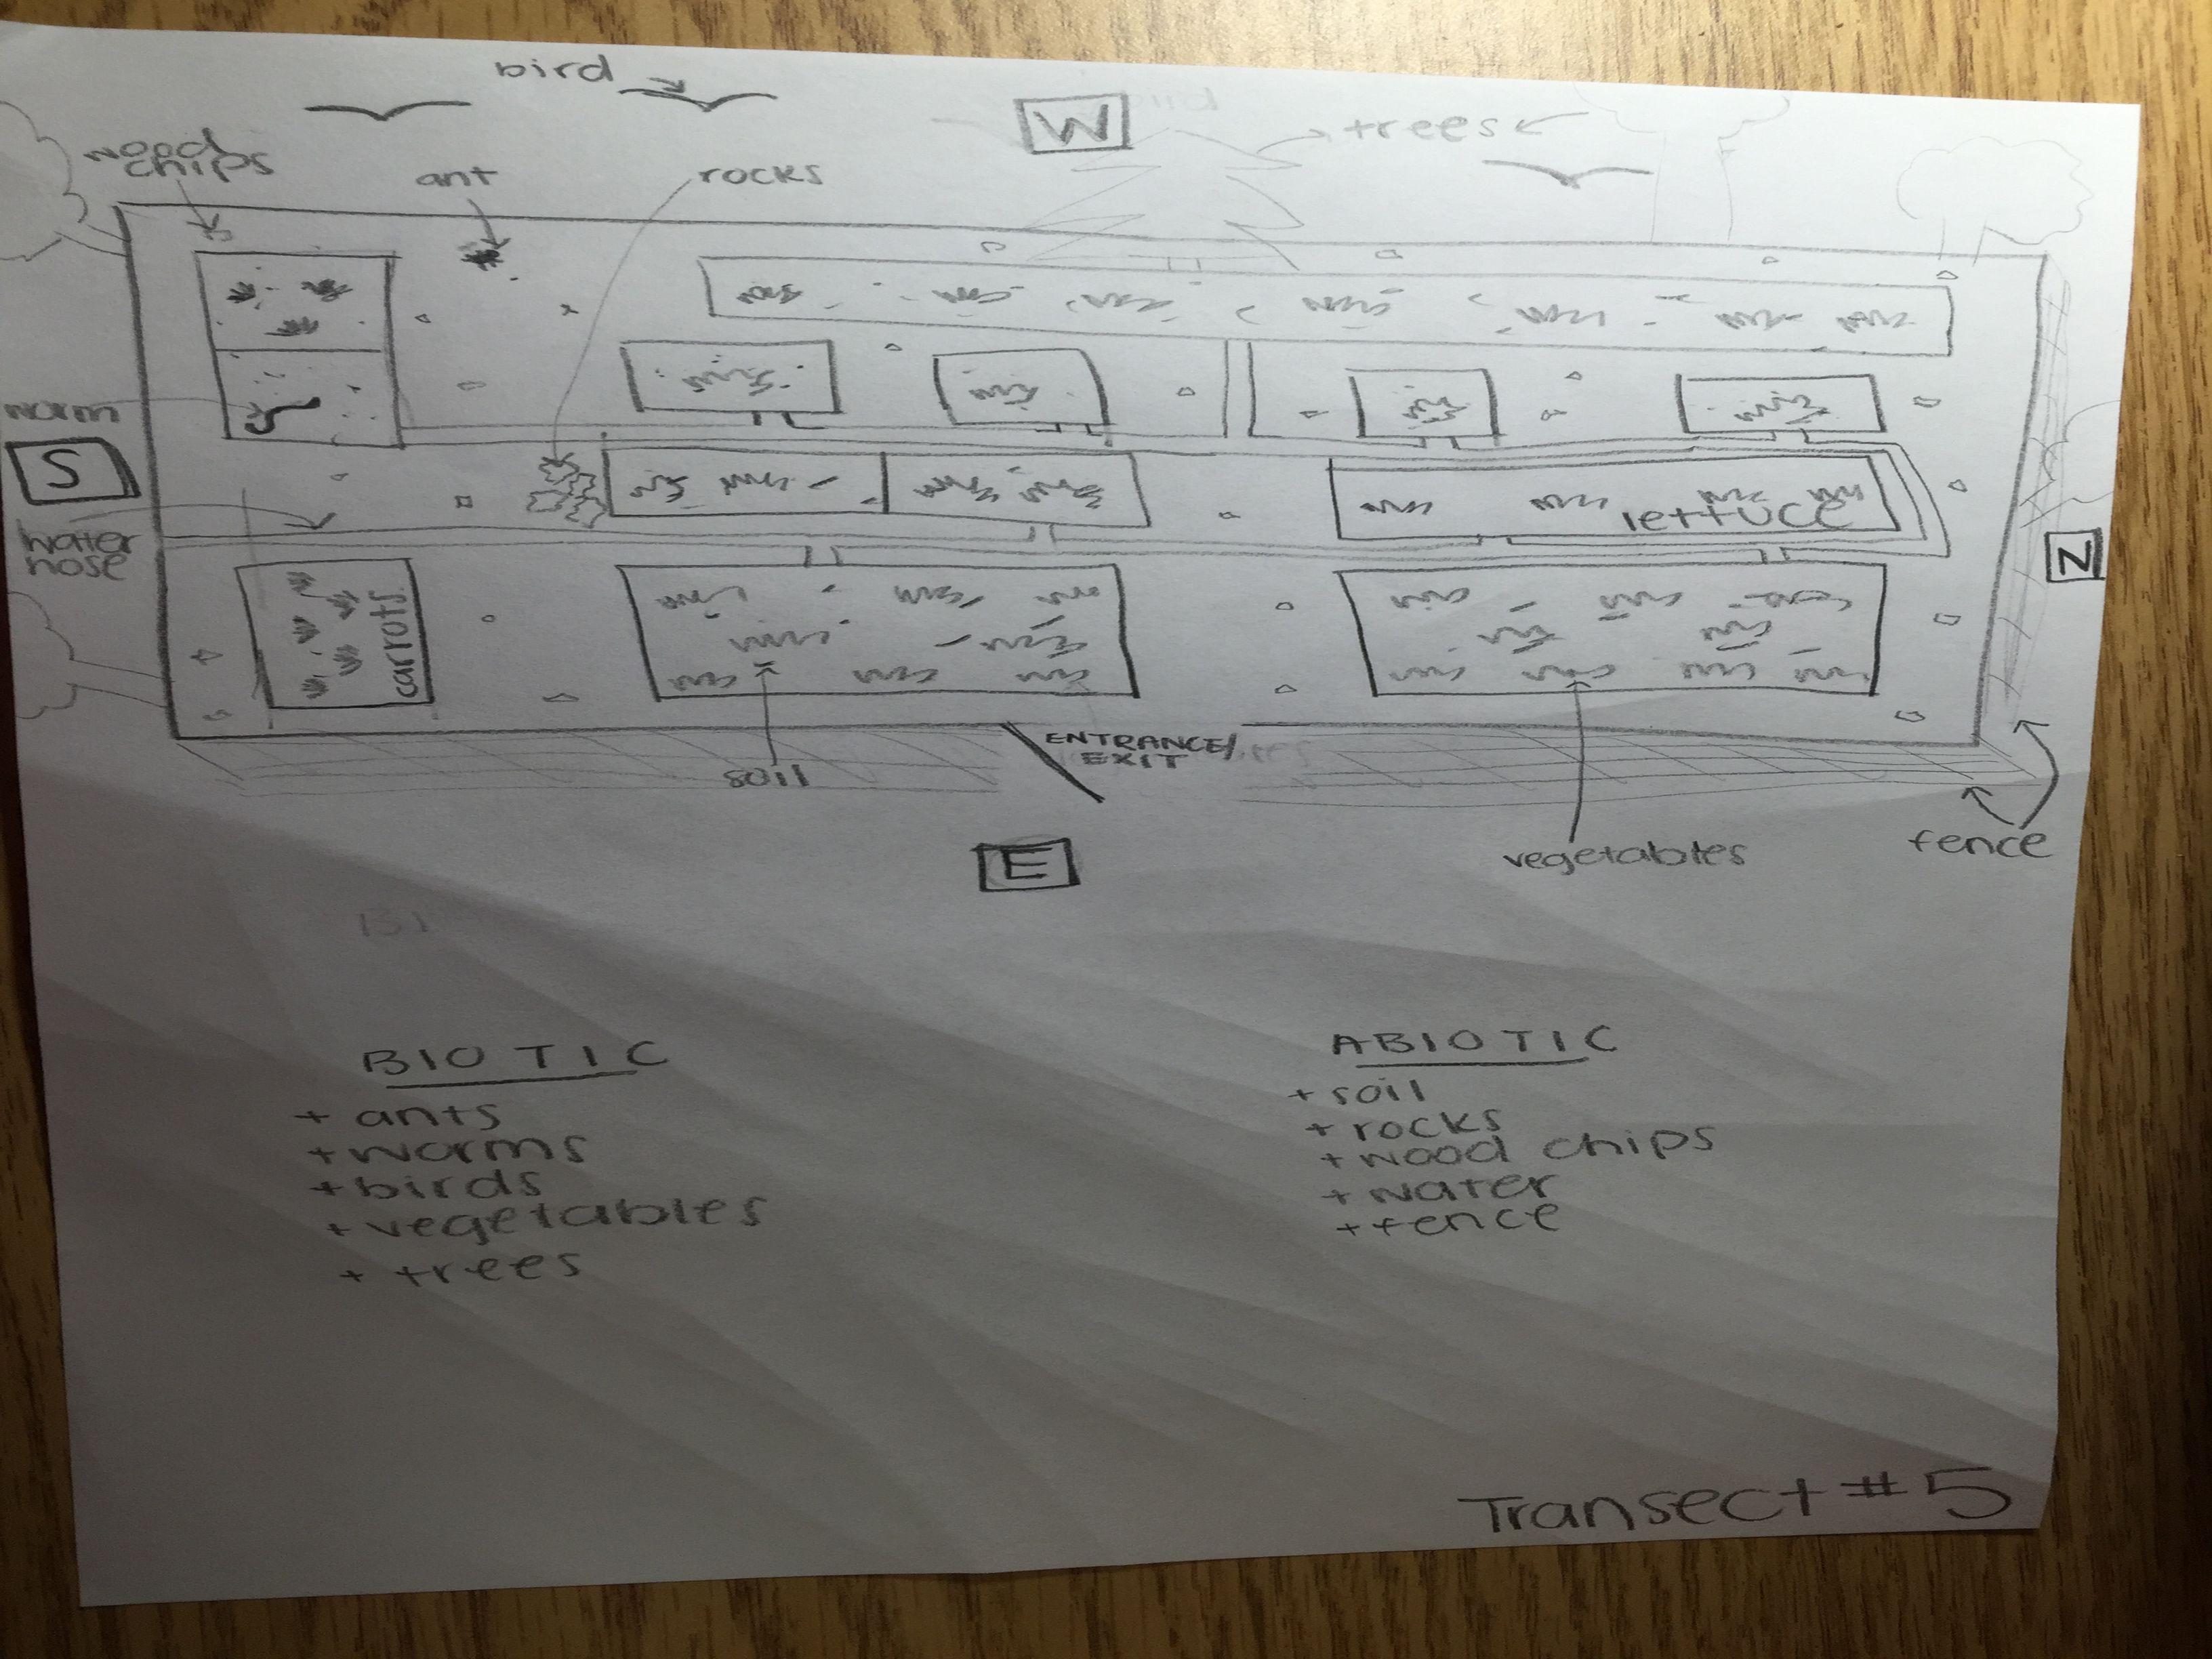 Lynda Arostegui lab 1 drawing.JPG